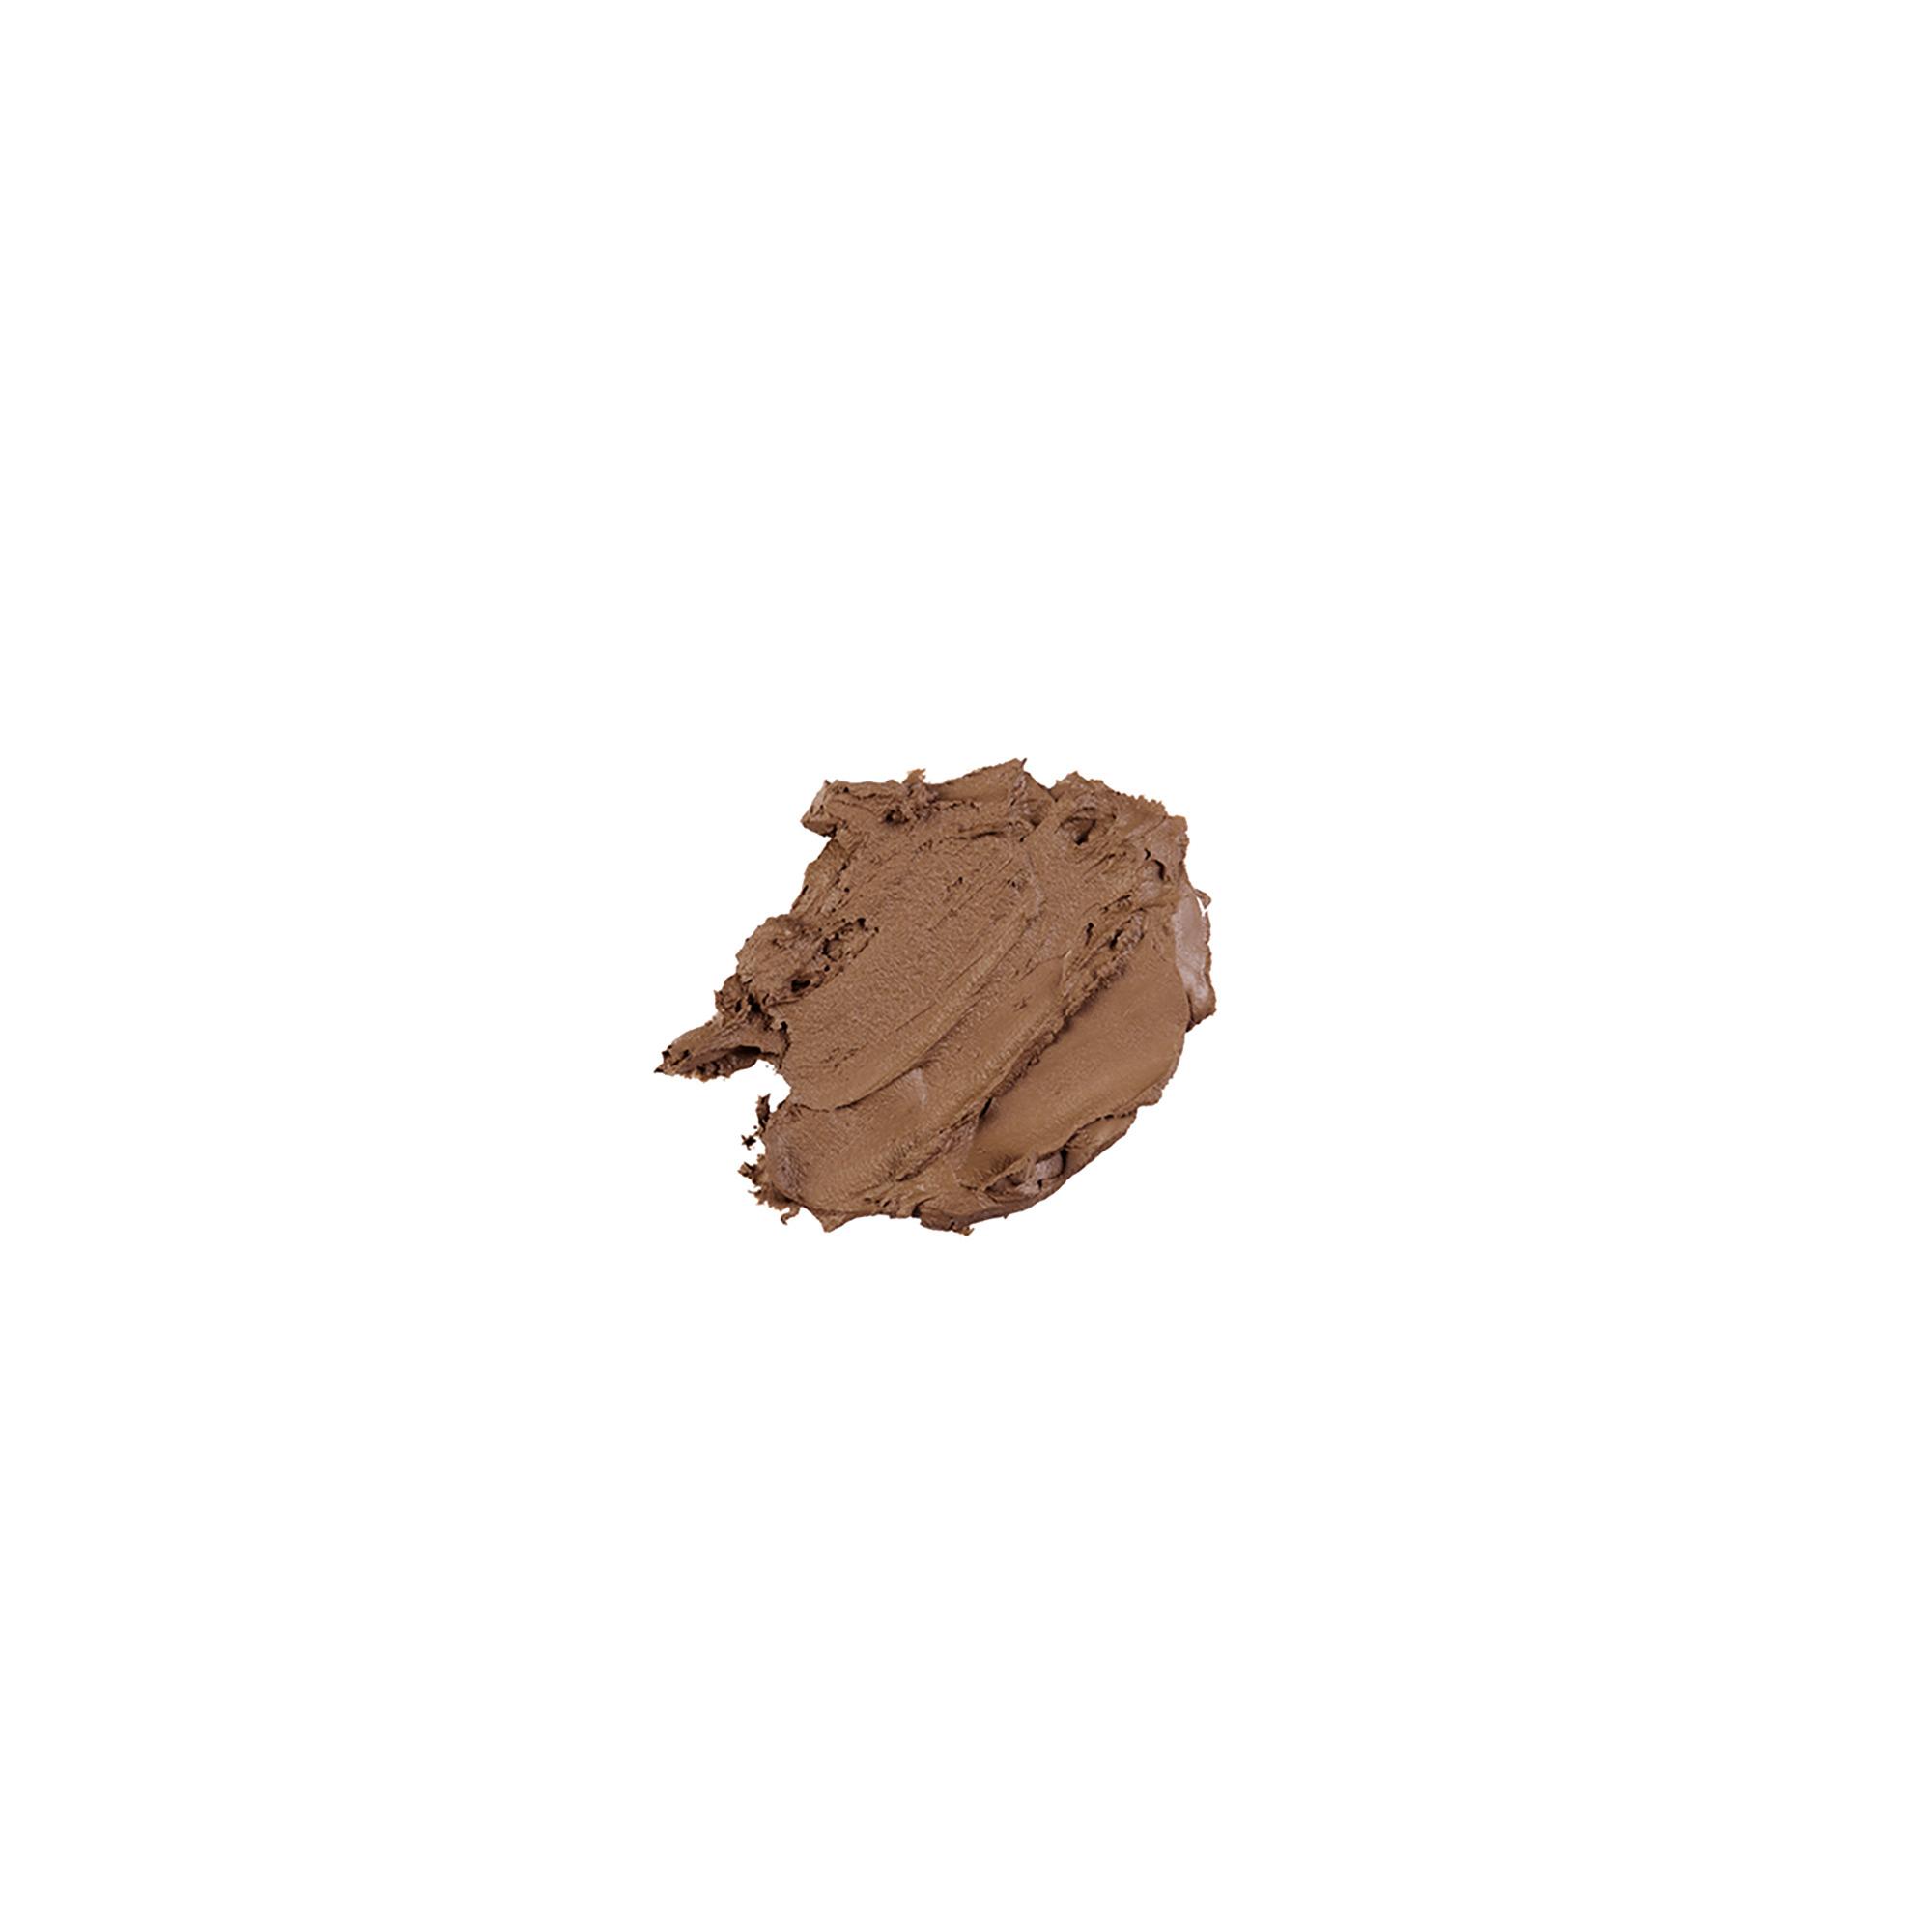 Dipbrow Pomade - Caramel